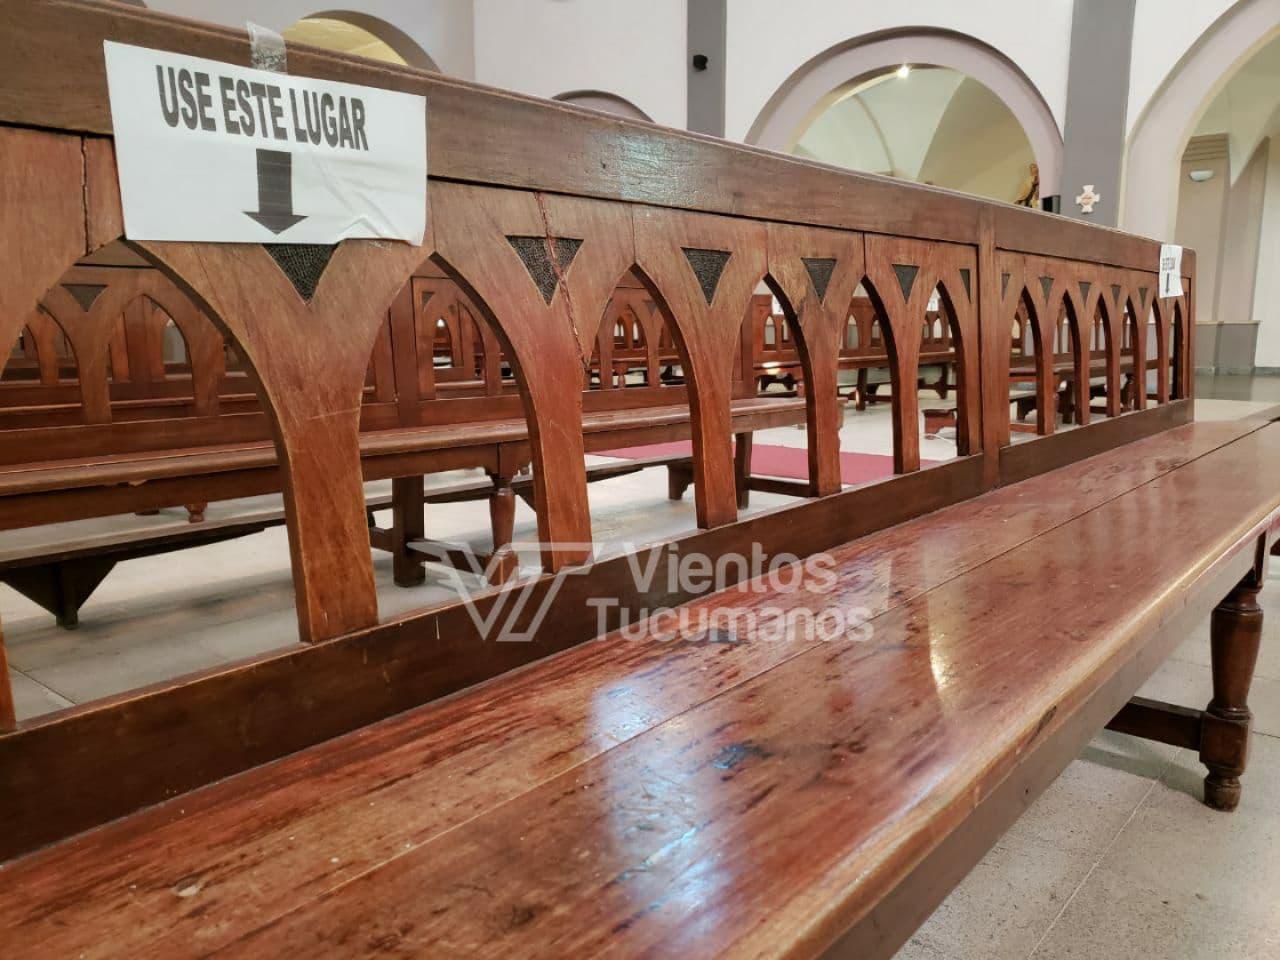 misa catedral iglesia banco protocolo